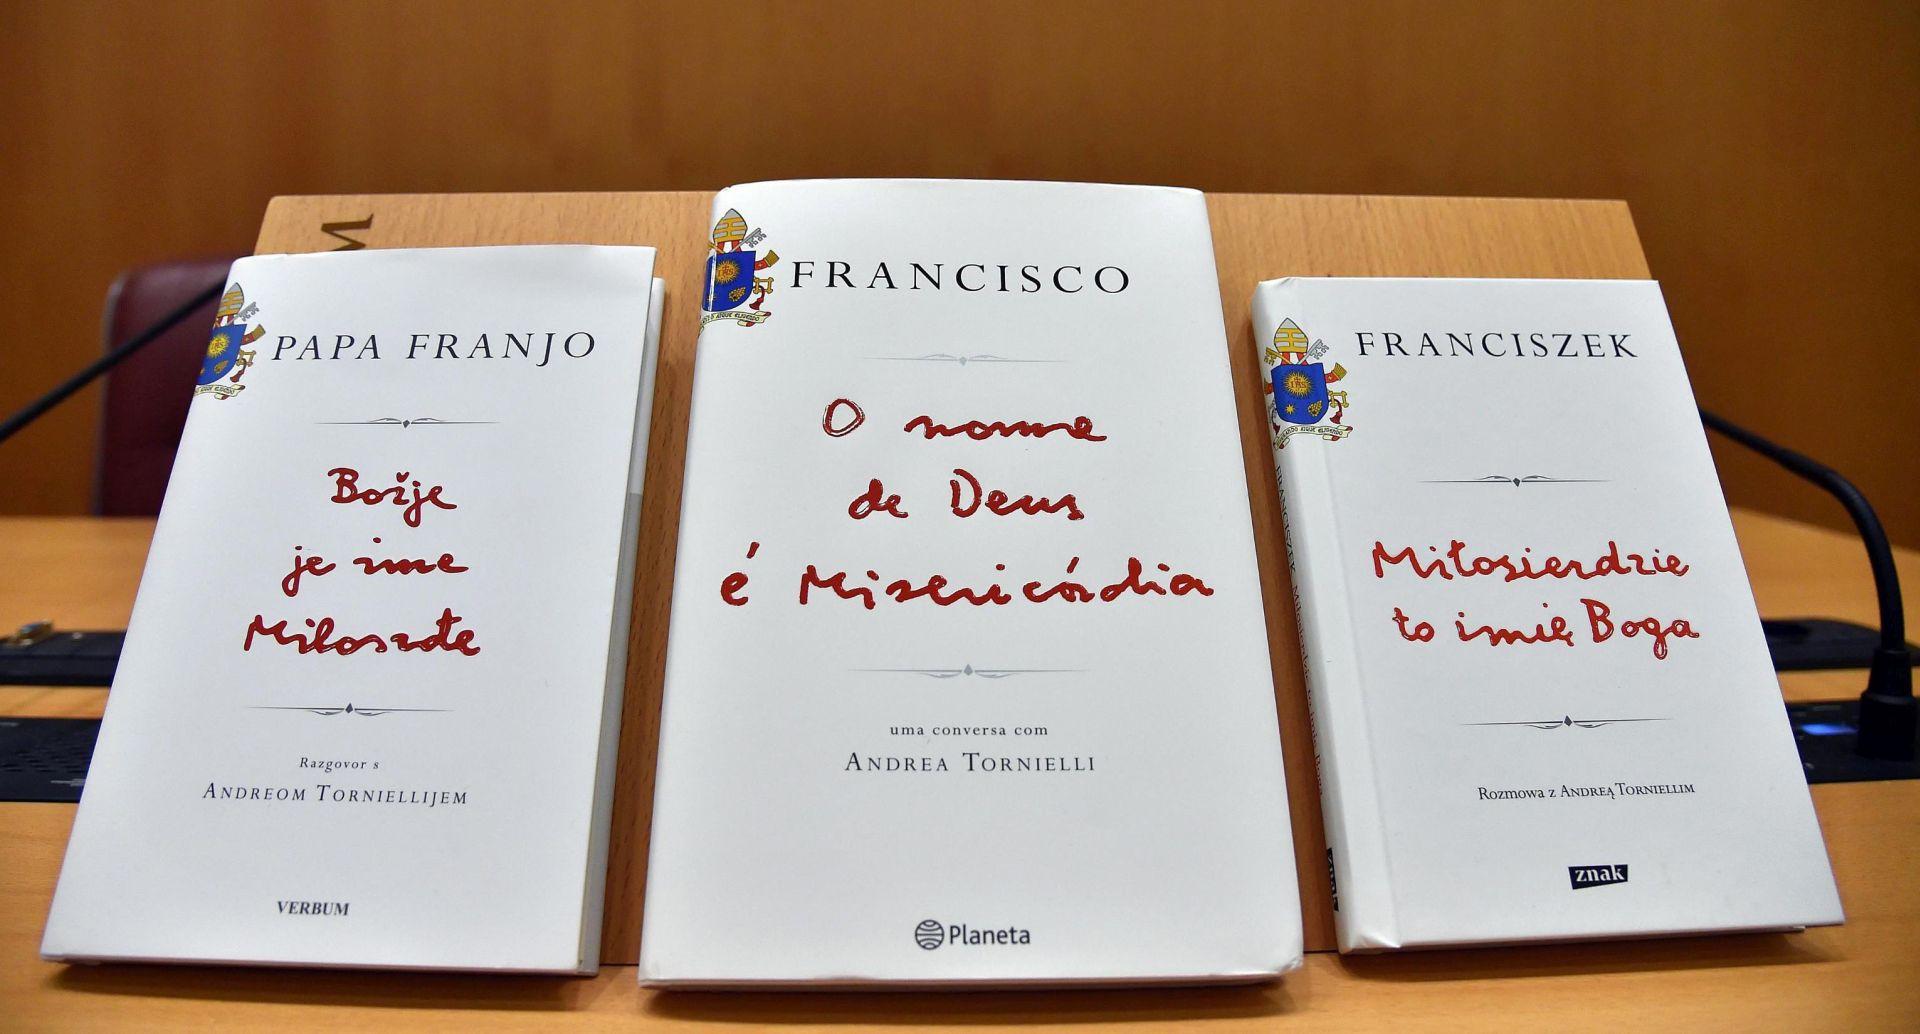 PUŠTENA U PRODAJU: Papa Franjo u prvoj knjizi odgovara na niz pitanja, naglasak na milosrđu